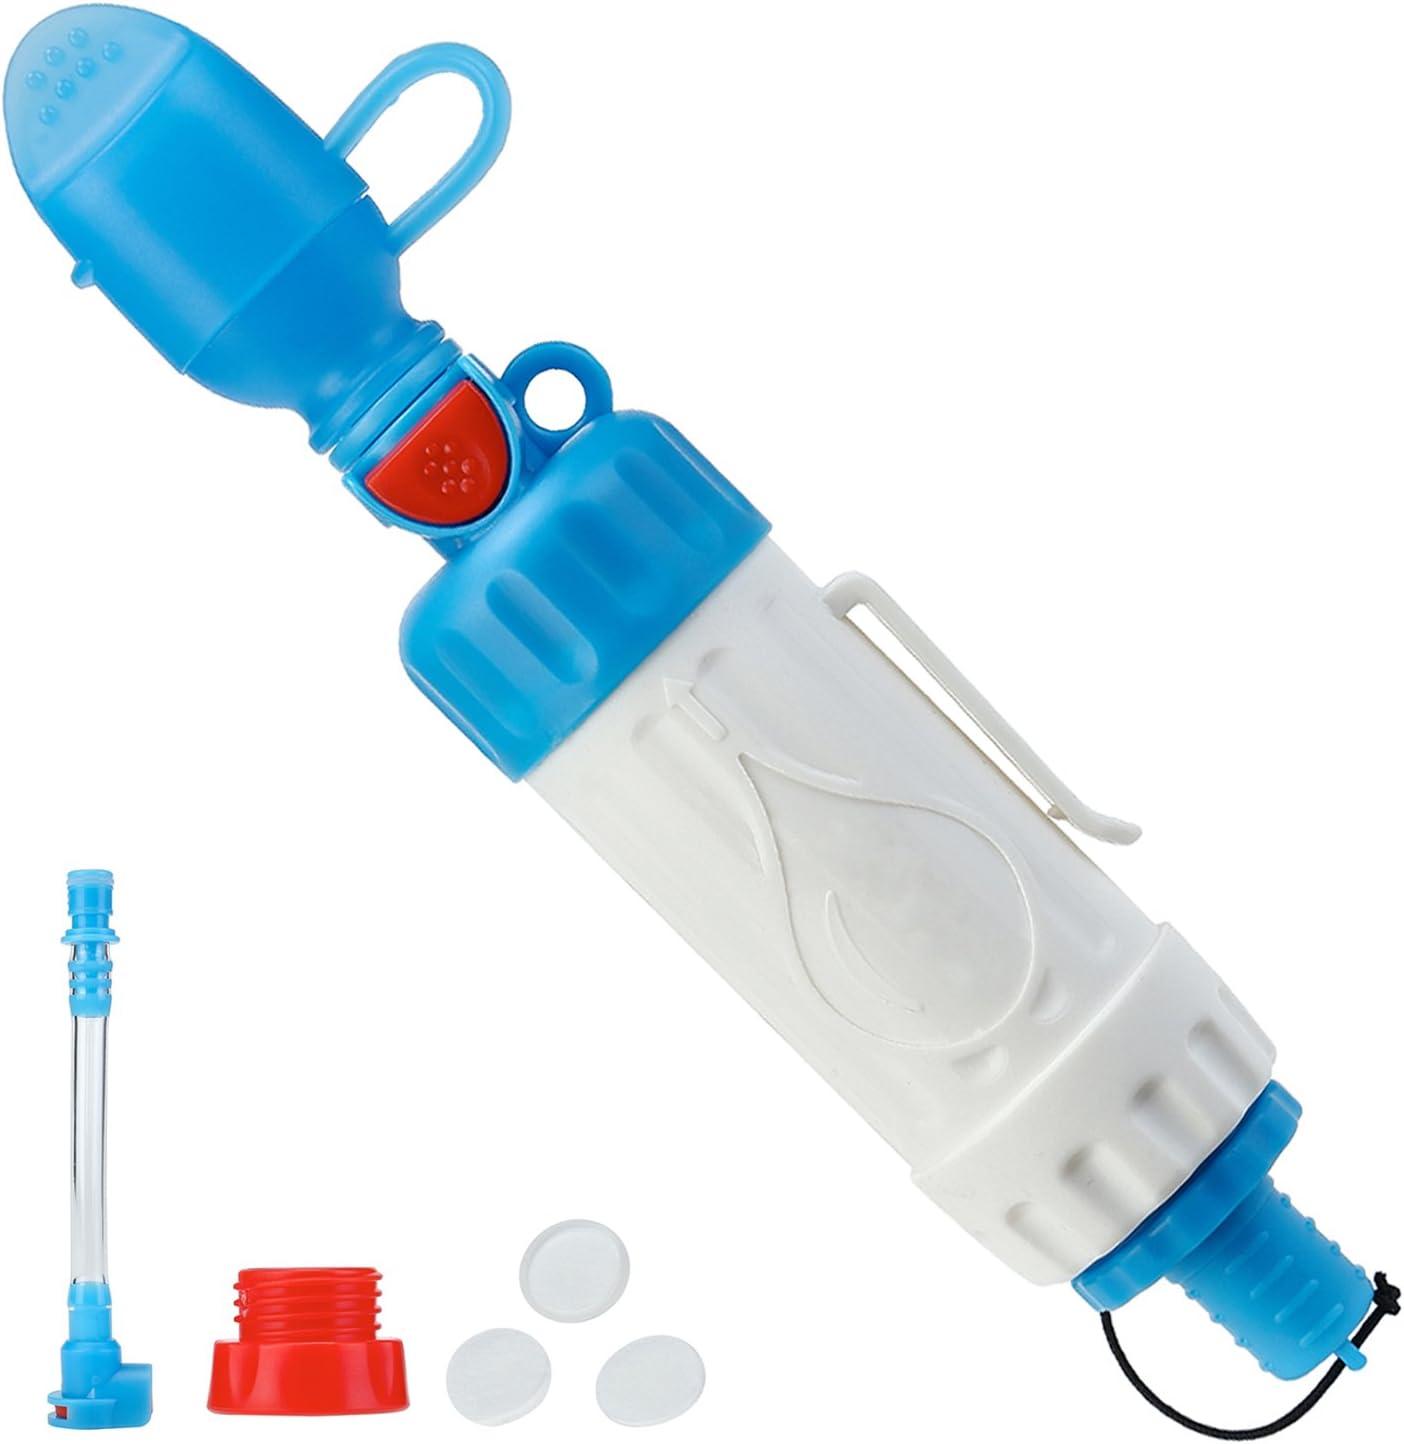 topnaca portátil purificador de paja con de supervivencia de filtración de filtro de agua 3 Etapa Filtración de 0,01 micrones, reutilizable lavable para seguro de acampada senderismo viajes de emergencia Pre, Unisex,